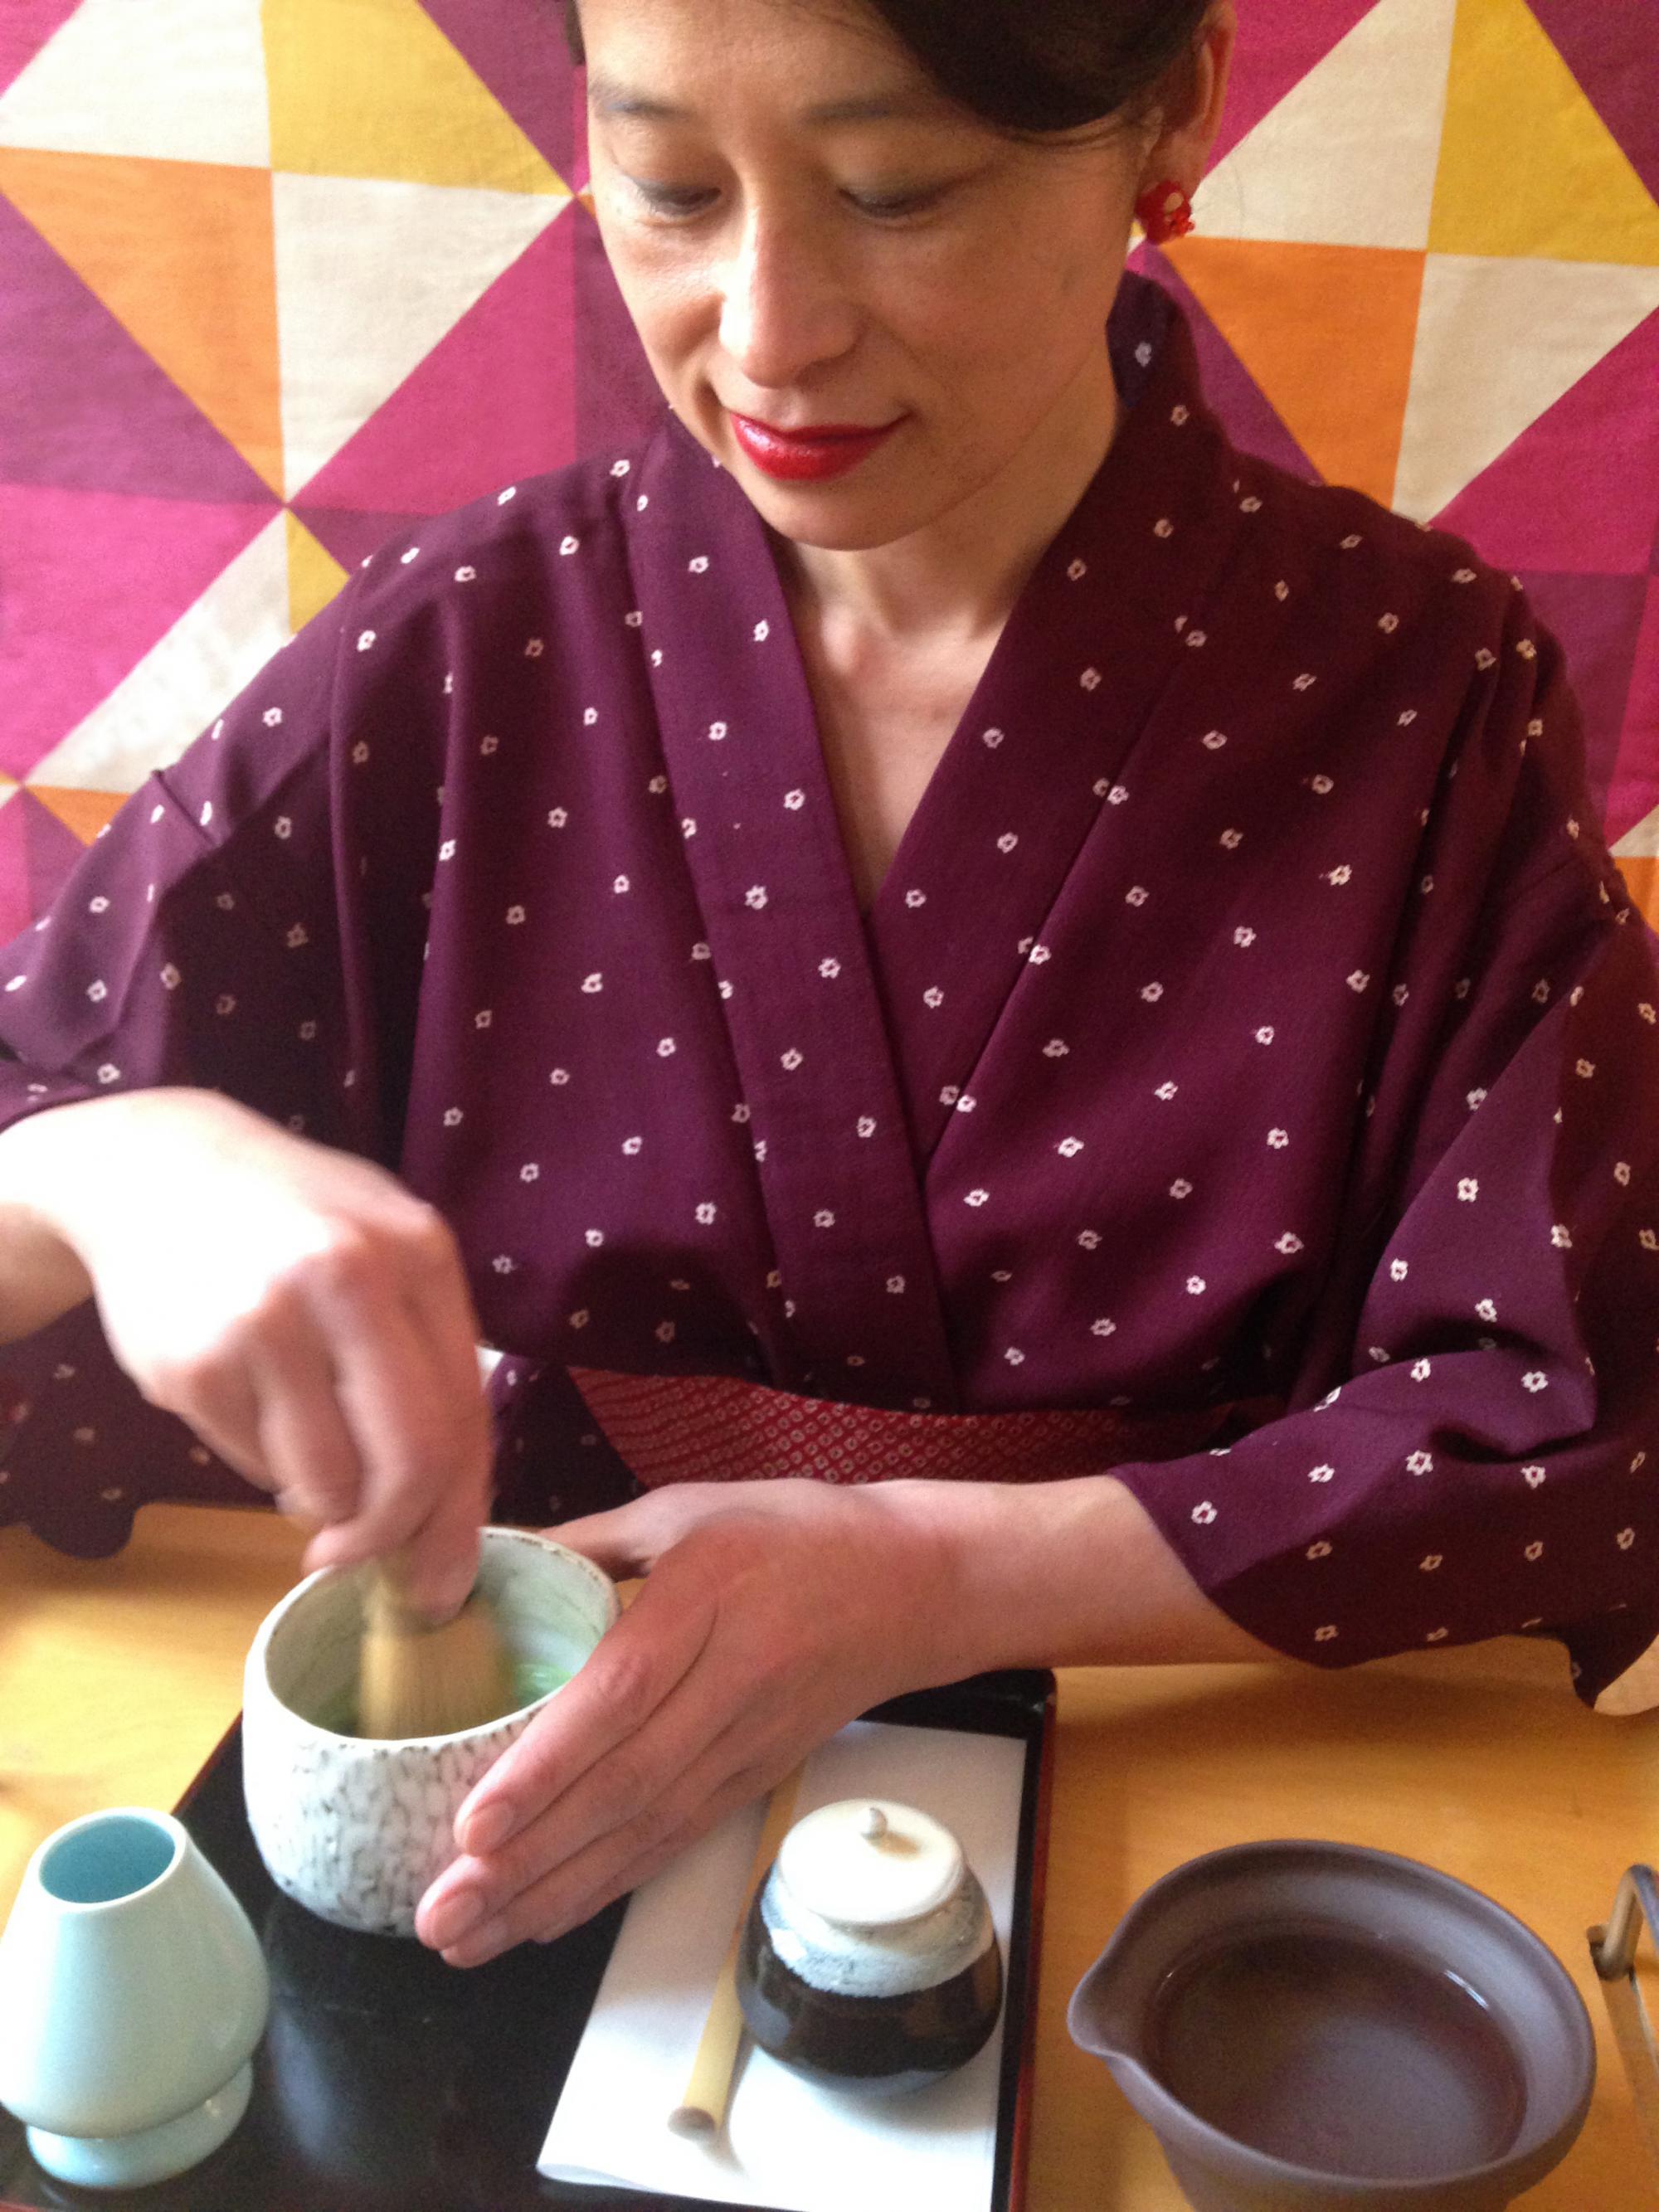 Préparation d'un thé vert japonais Matcha